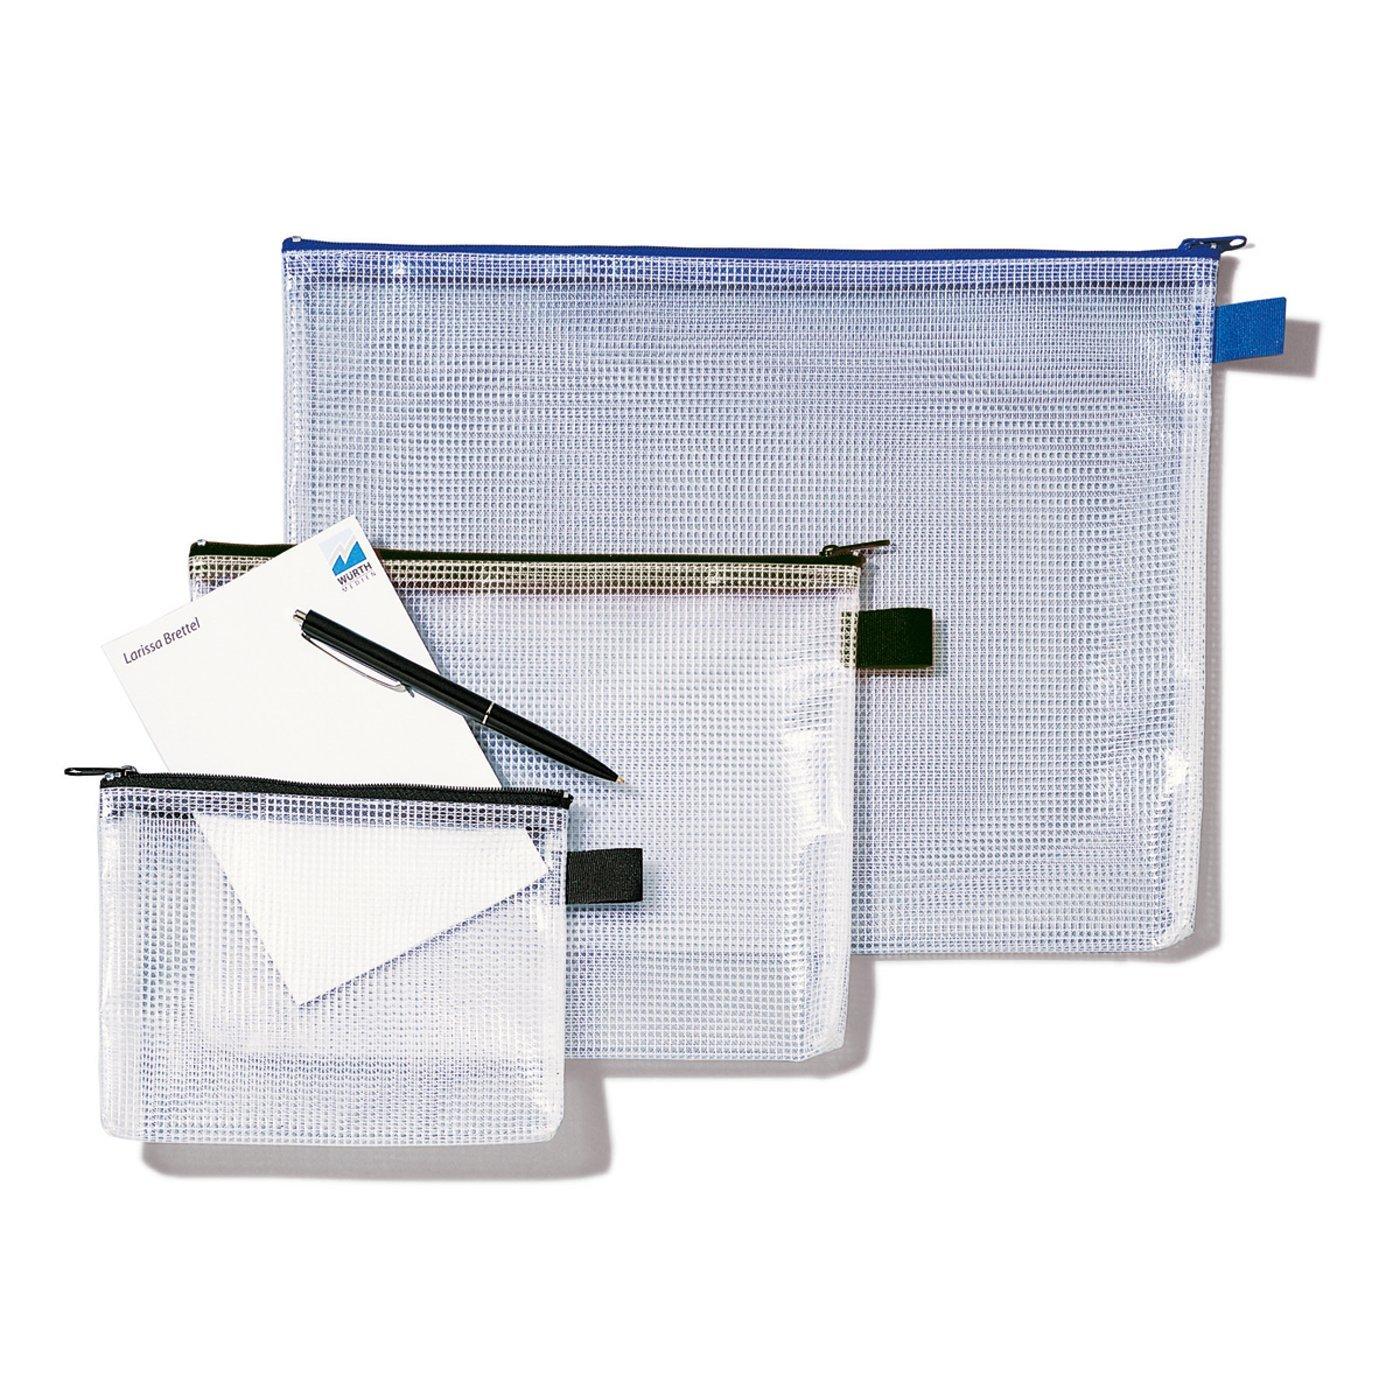 Rexel A5/Sacchetti in rete e corpo trasparente con zip Nero 1 Confezione Transparent